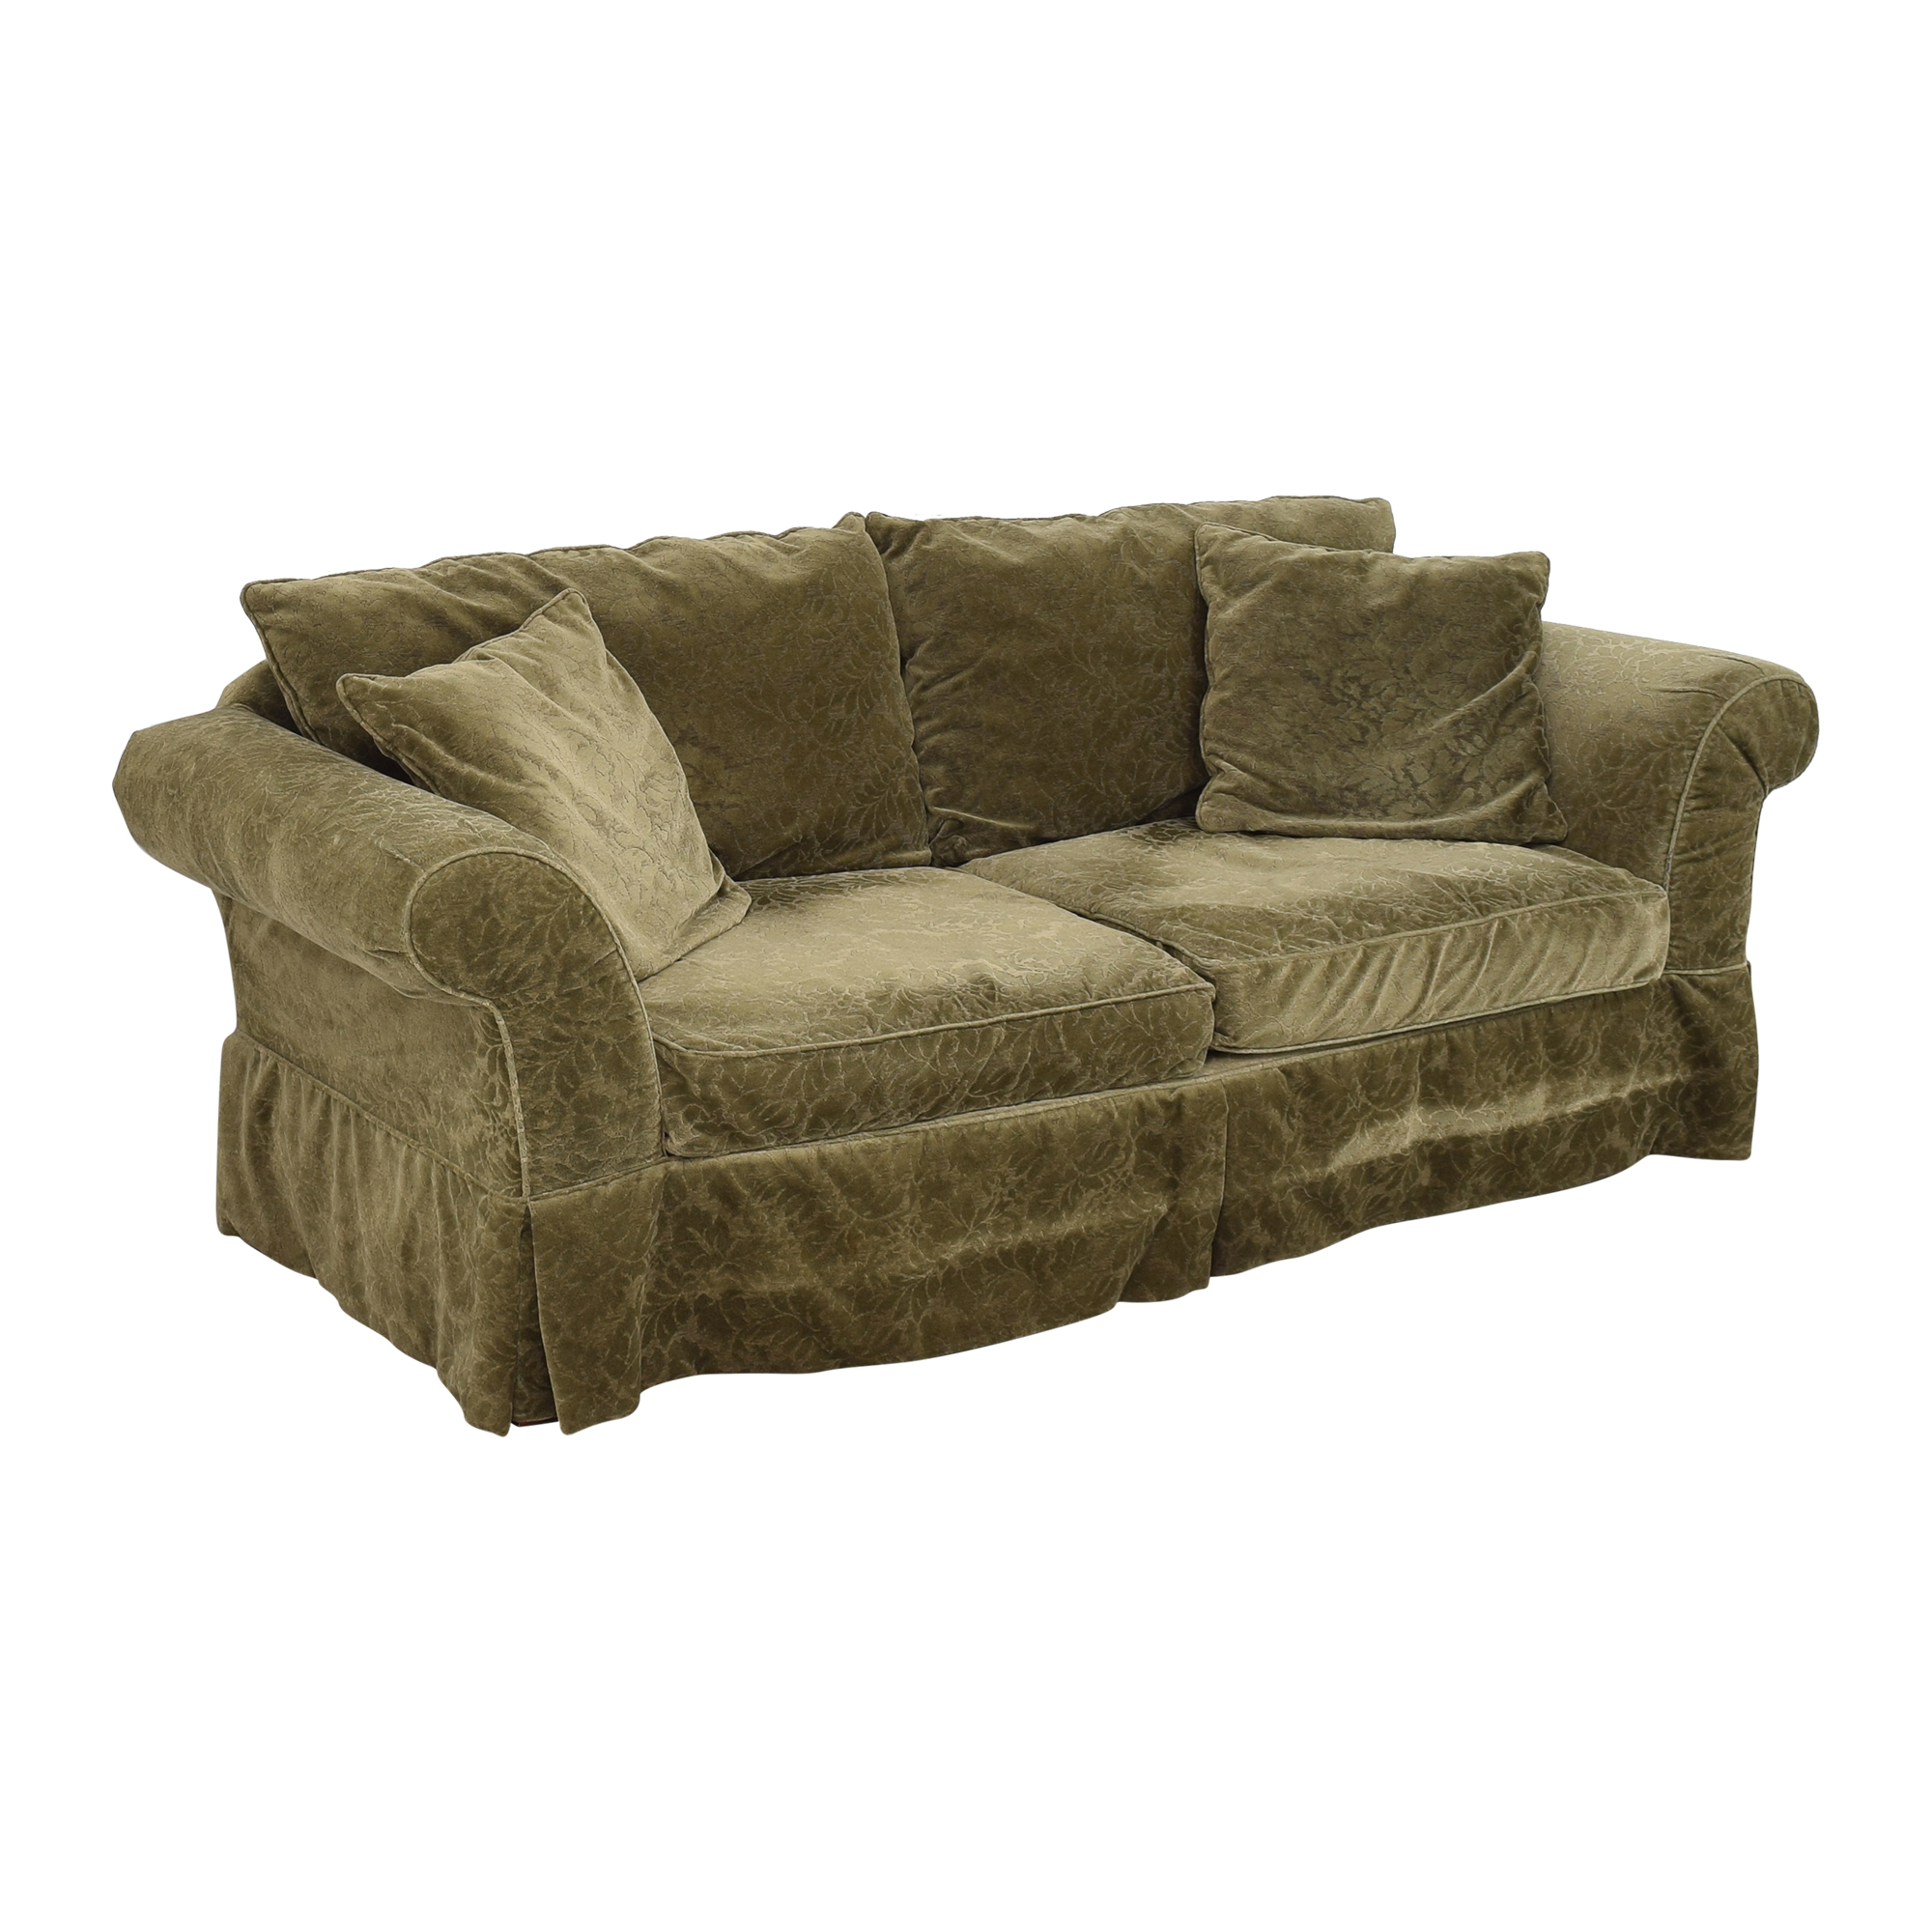 Door Store Door Store Two Cushion Sofa on sale